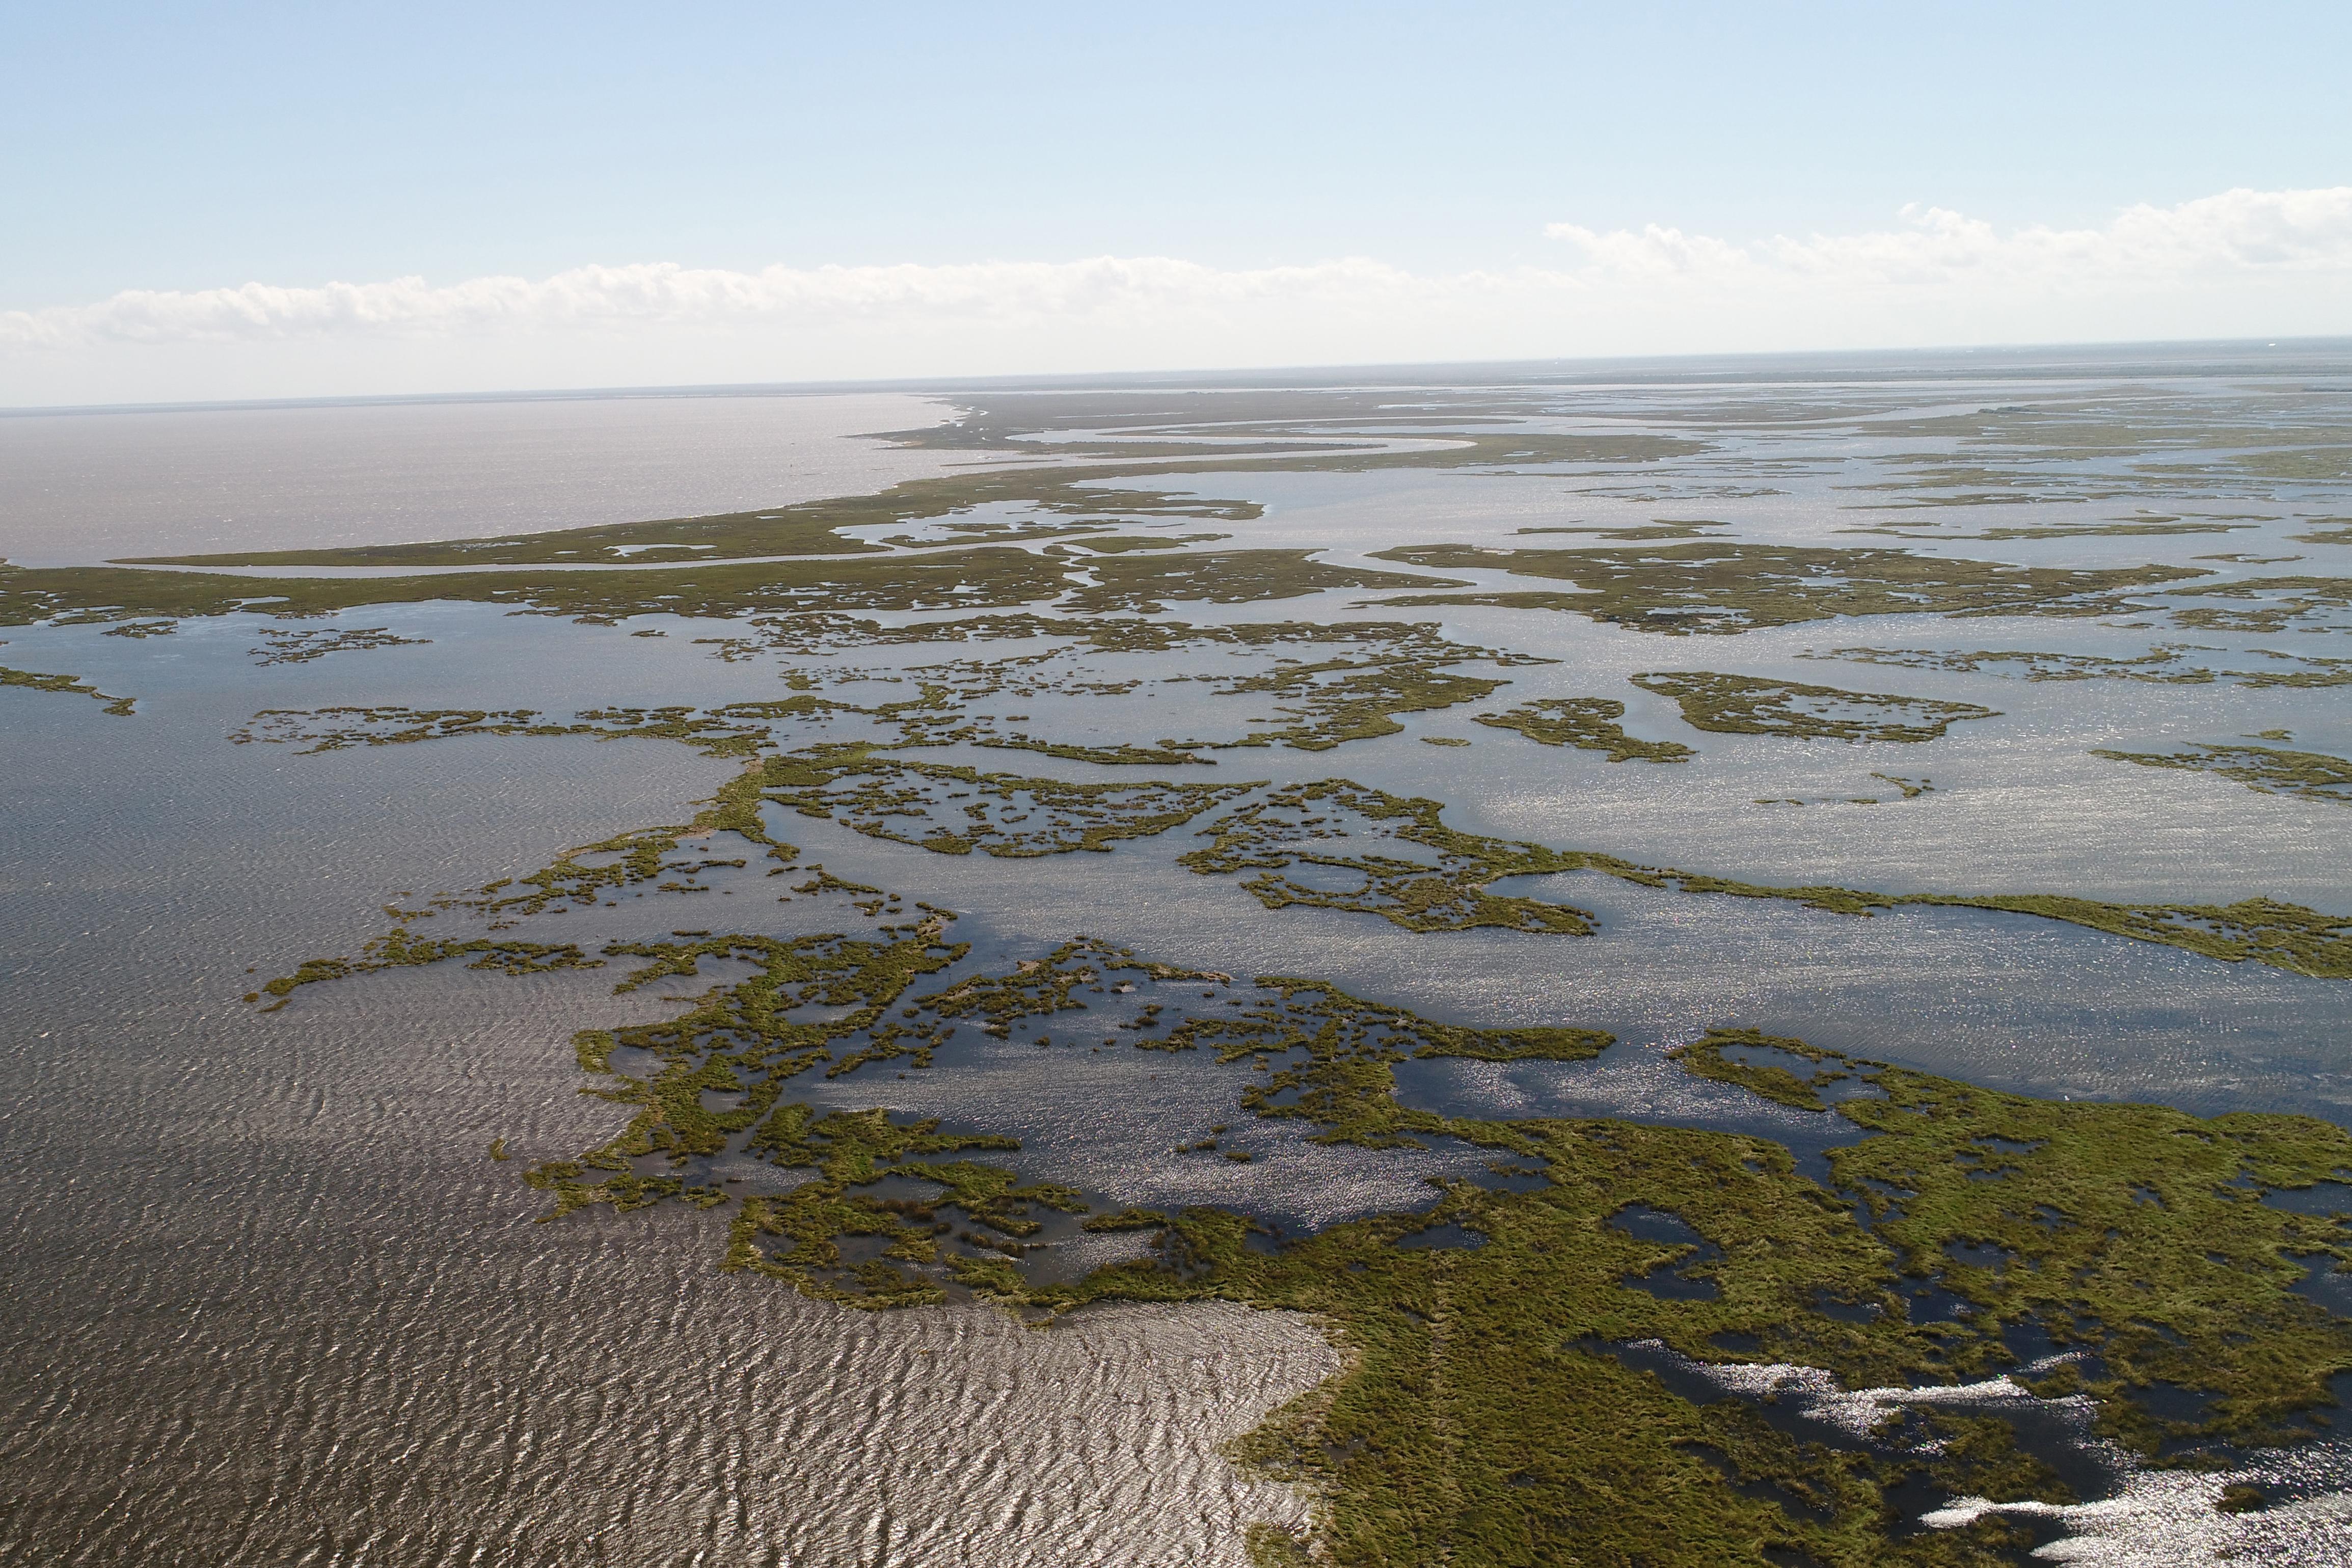 Aerial view of degrading coastal marsh in Louisiana.